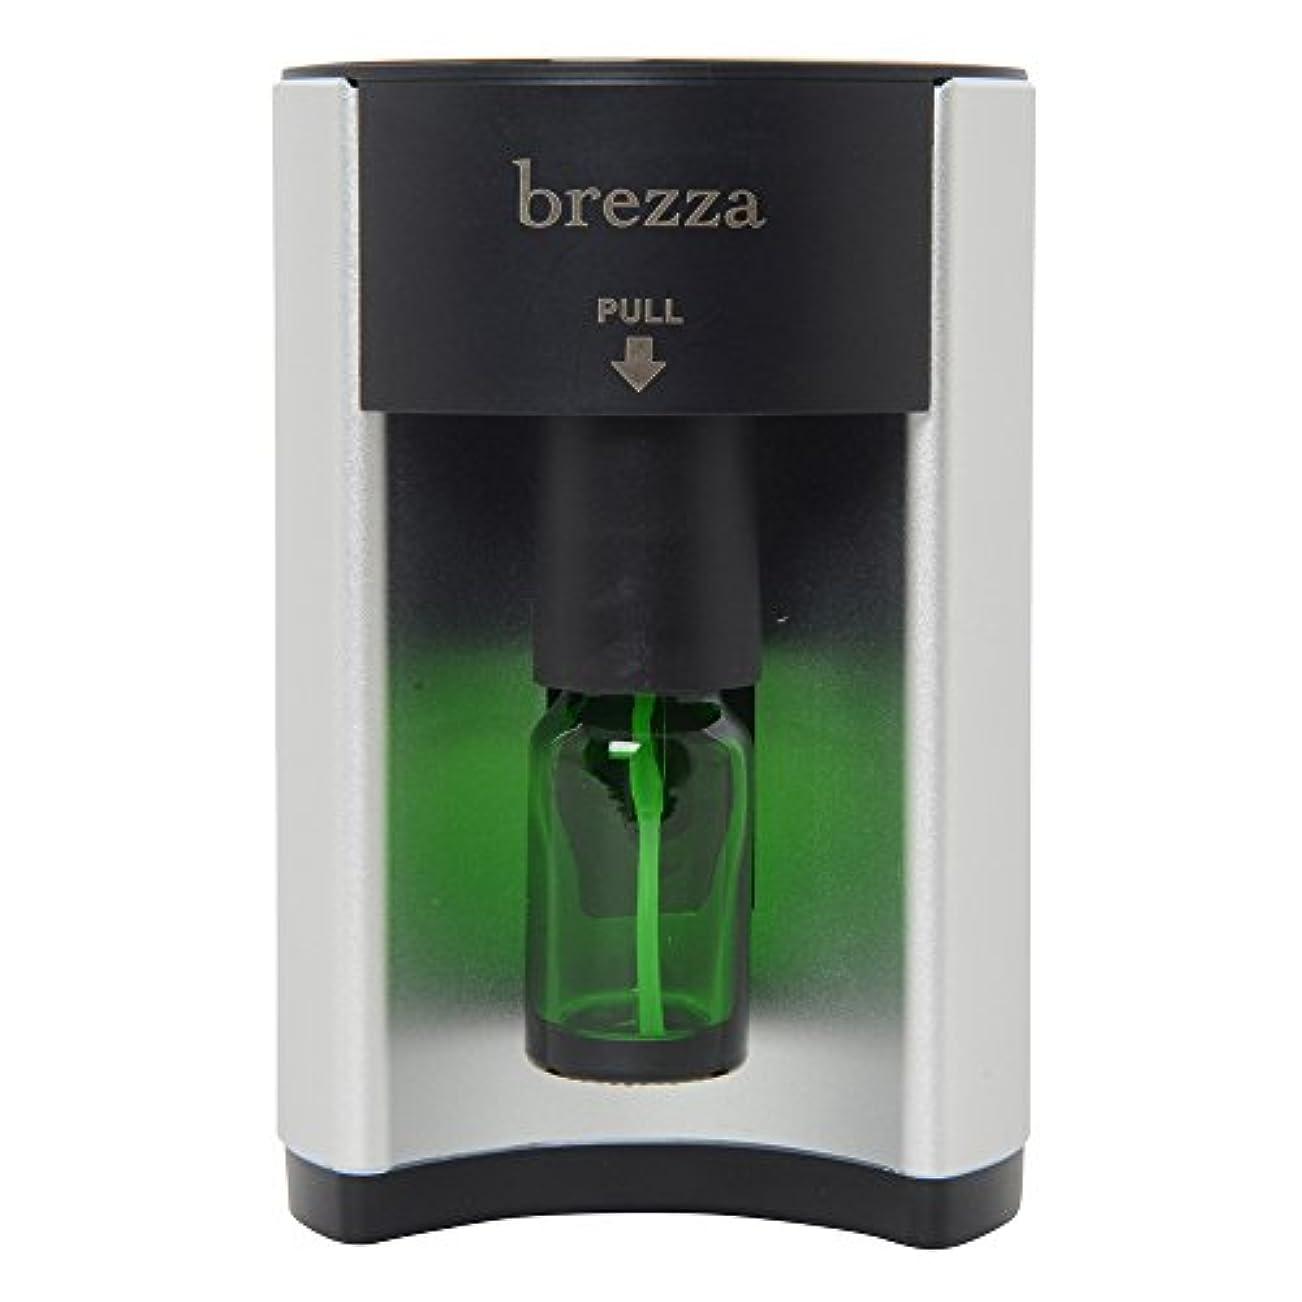 持つの間でしなければならないフレーバーライフ brezza(ブレッザ) アロマディフューザー